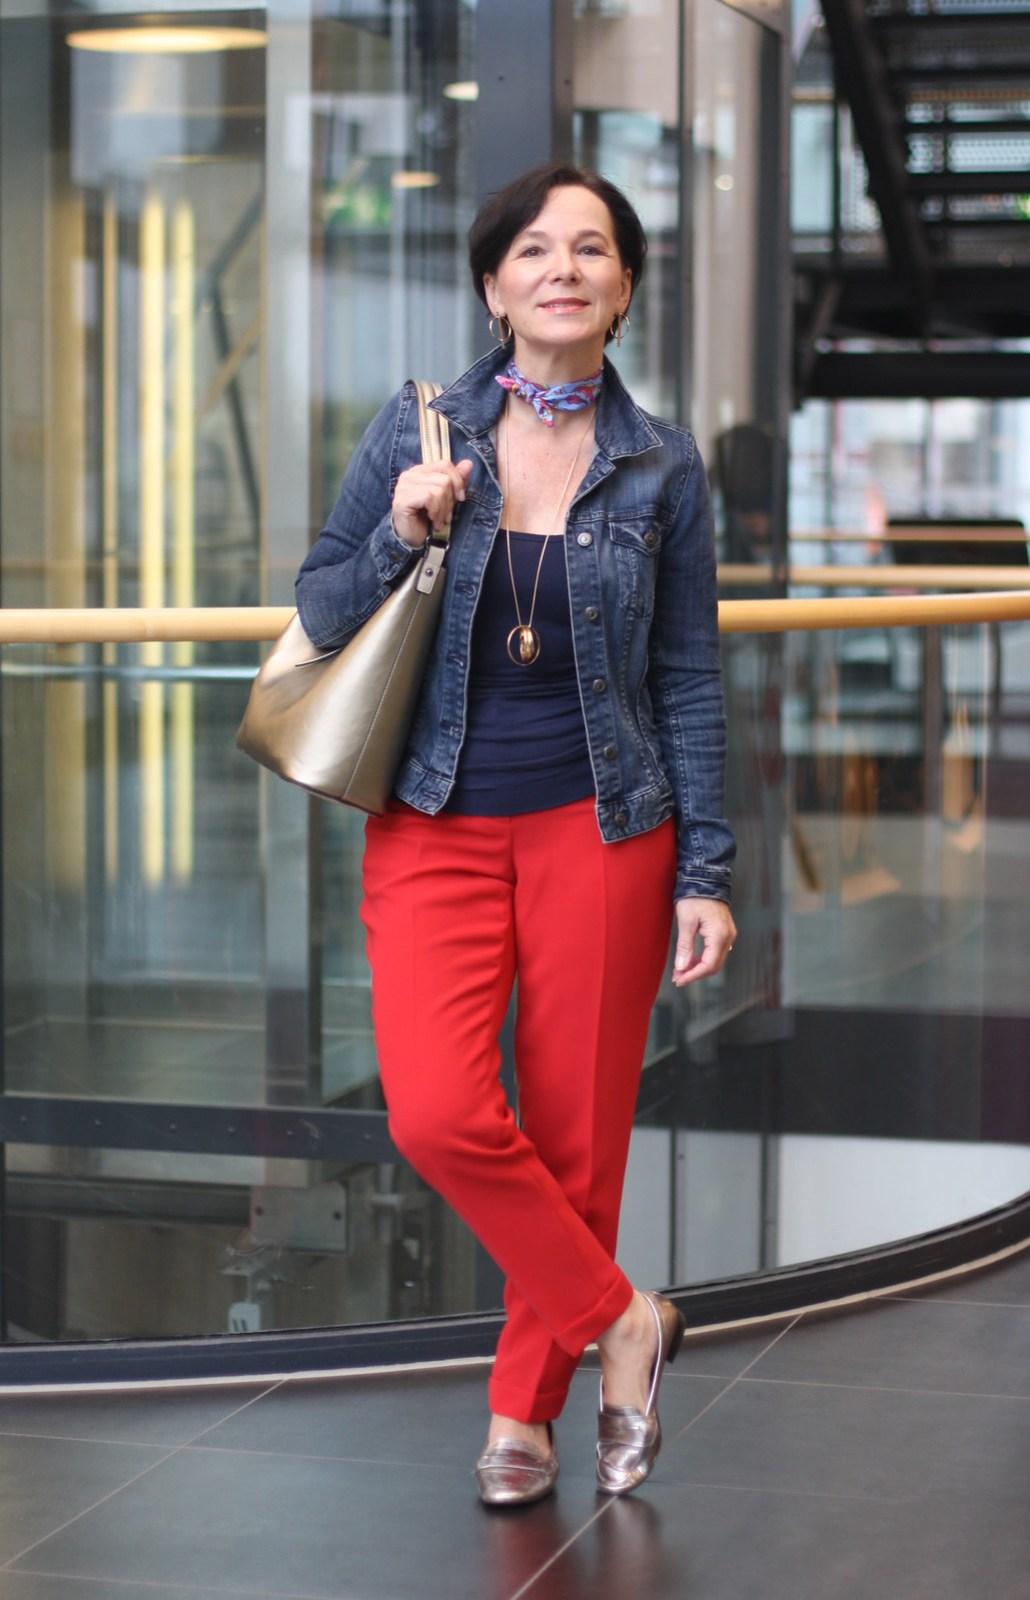 Rote Anzughose Jeansjacke Wochenendlook LadyofStyle